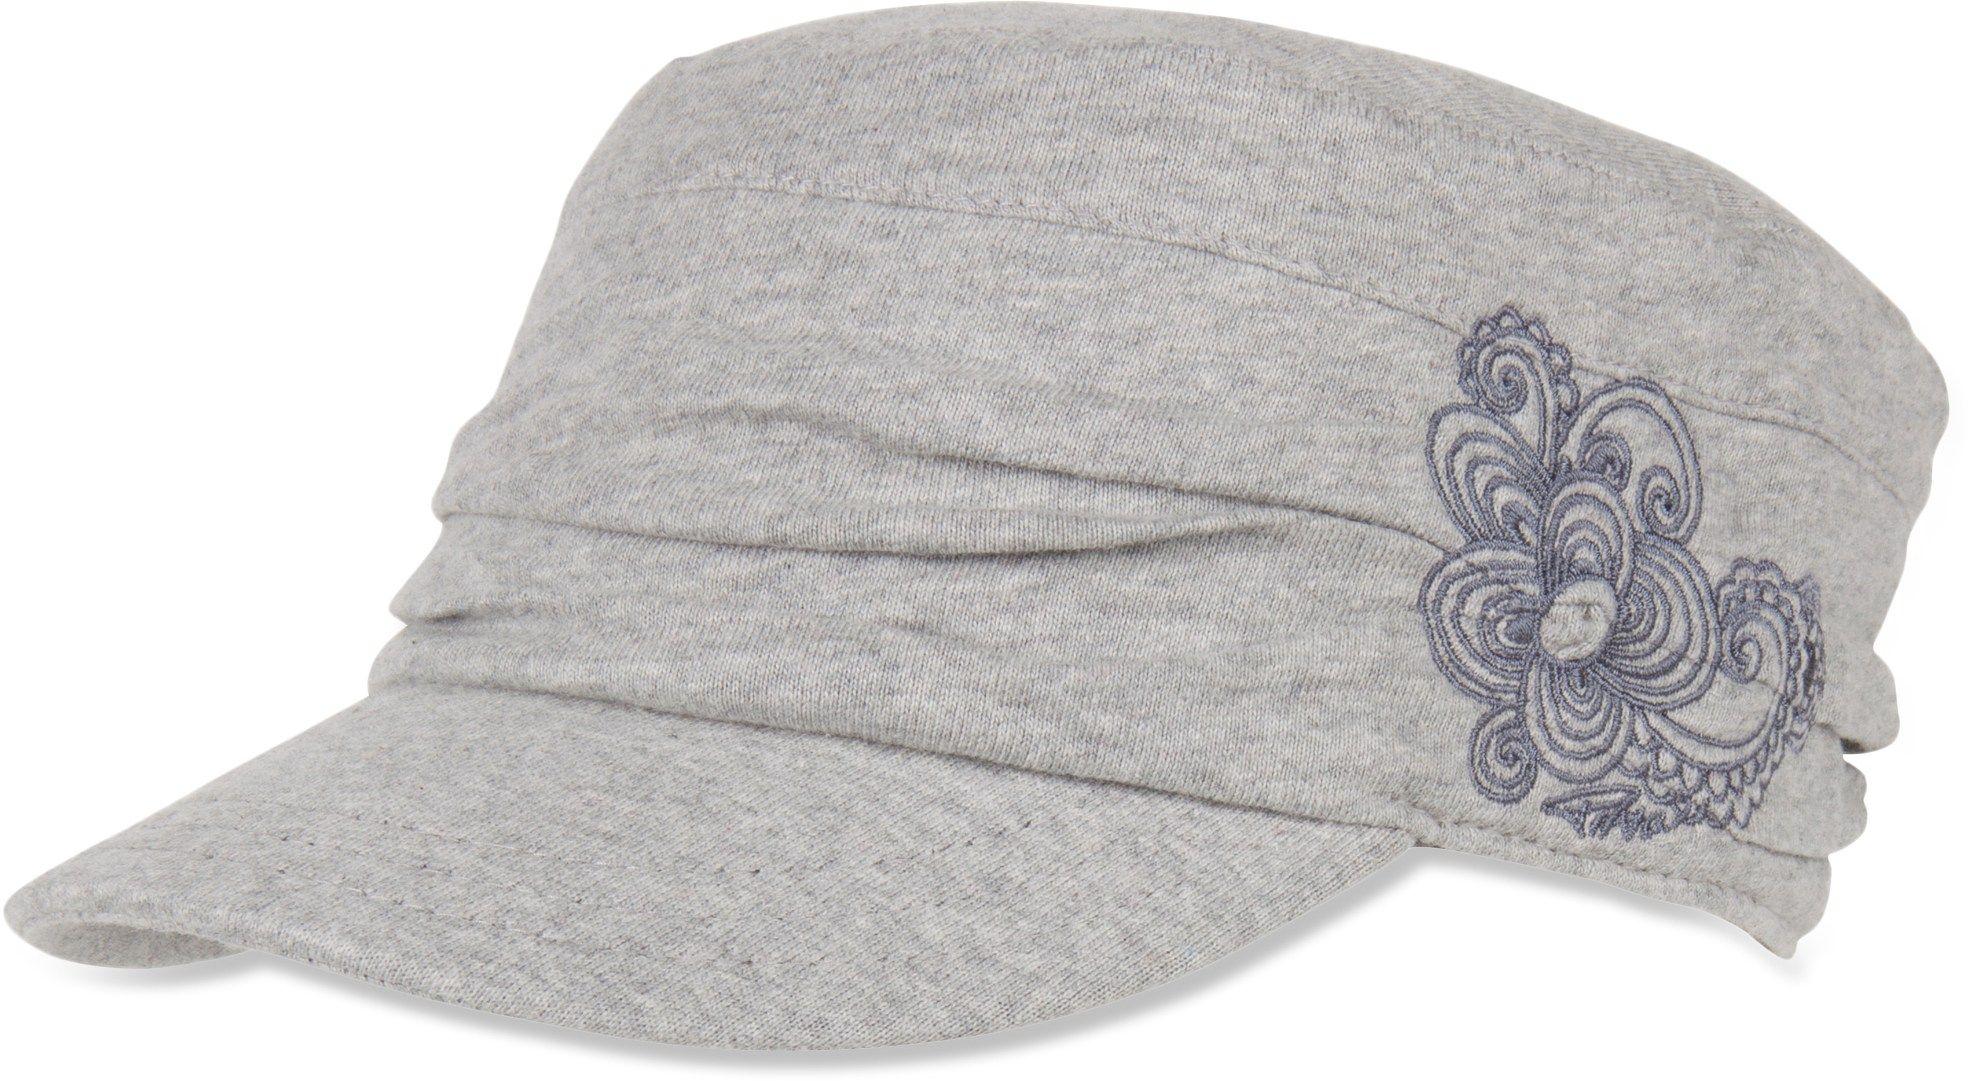 0c4a53750 prAna Devi Cadet Hat - Women's | REI Co-op | My Style | Hats, Sun ...